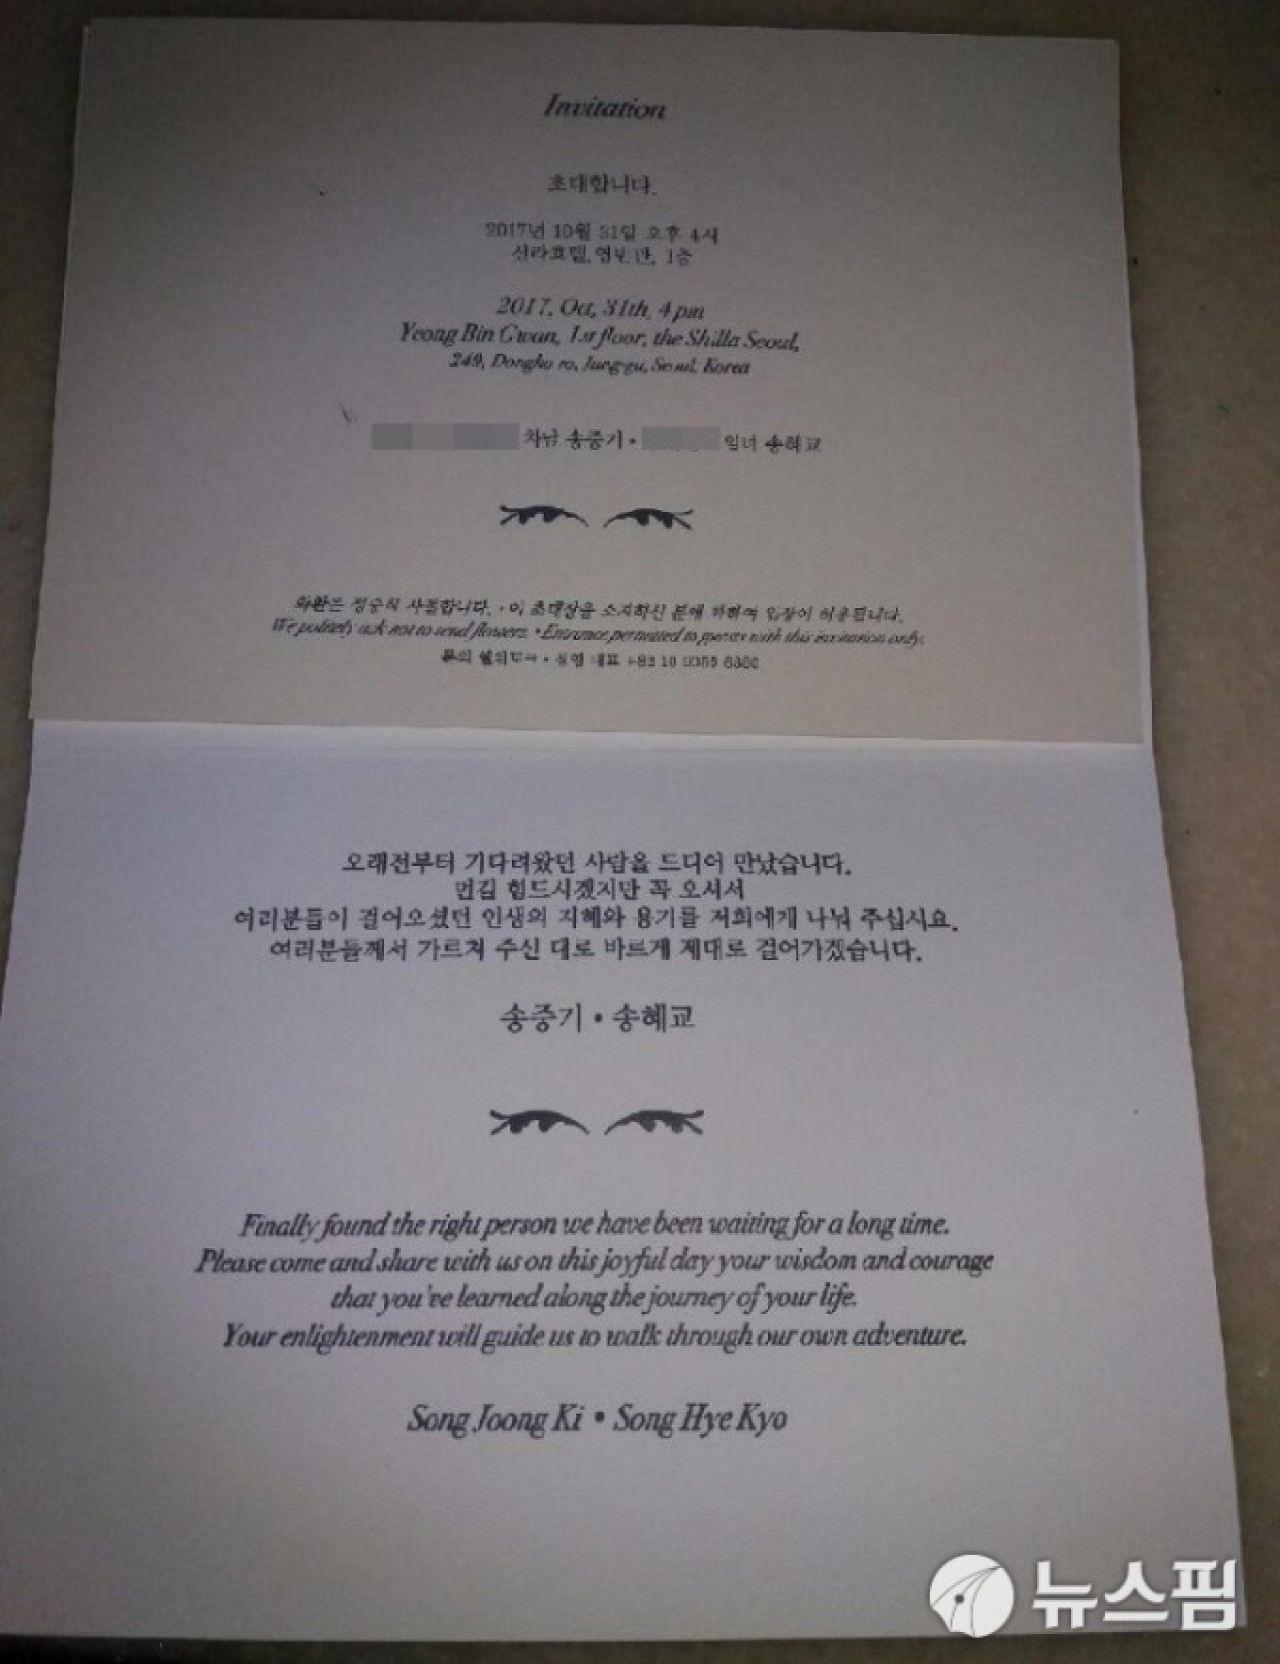 宋宋CP婚禮請柬內文曝光。圖/摘自推特